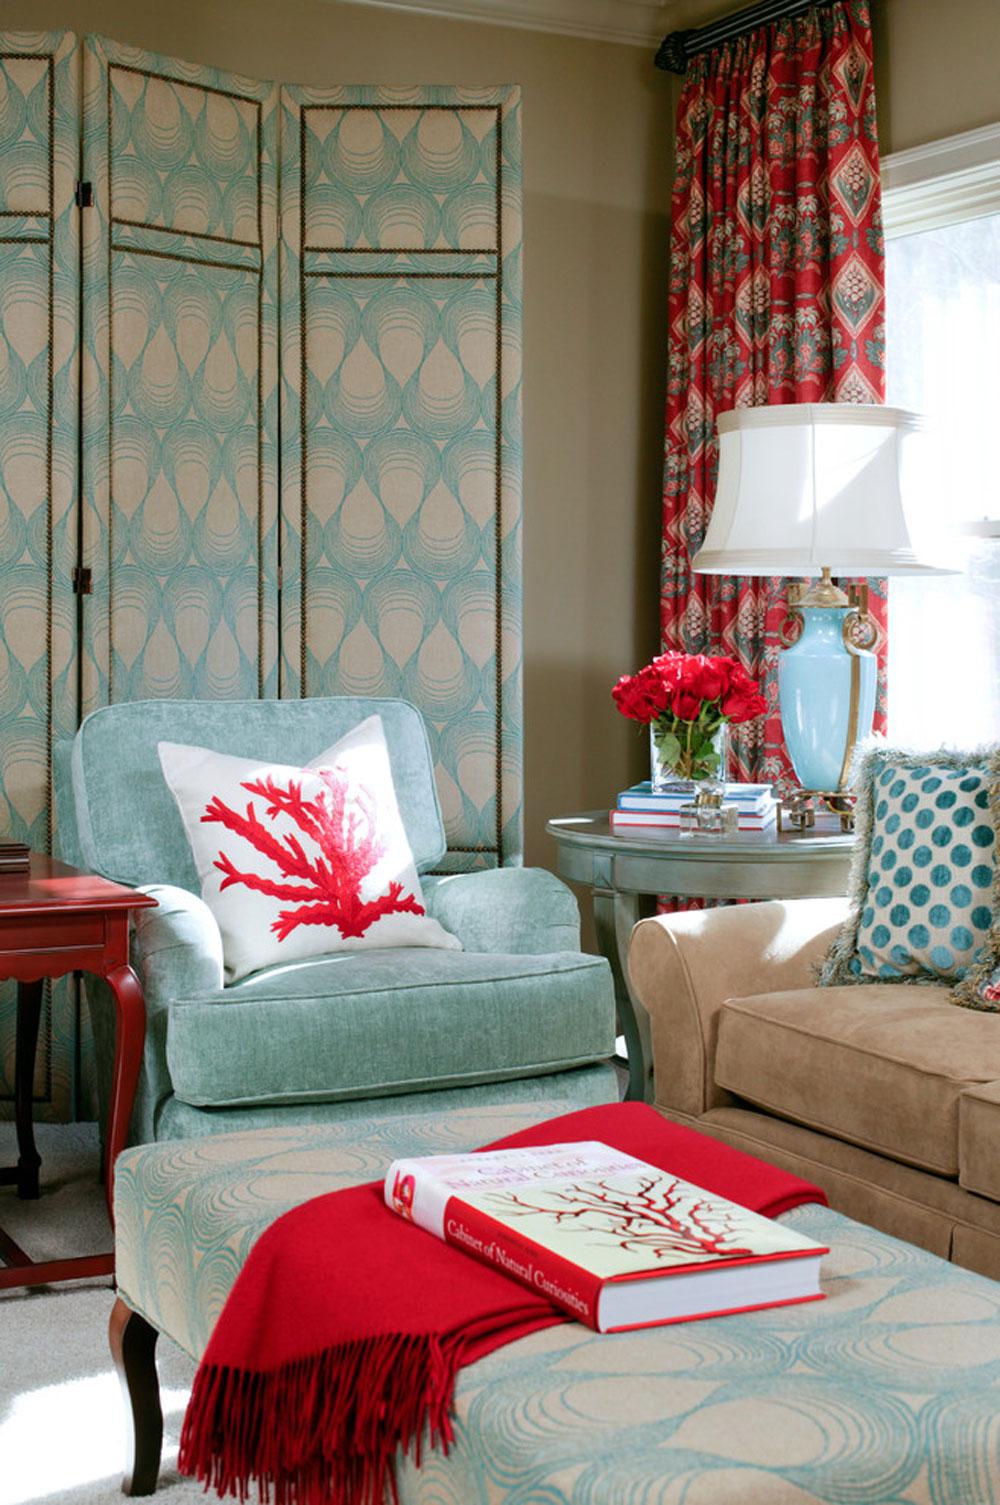 Bella-View-by-Tobi-Fairley-Interior-Design Vattenfärgen: Hur man dekorerar ditt husinteriör med det